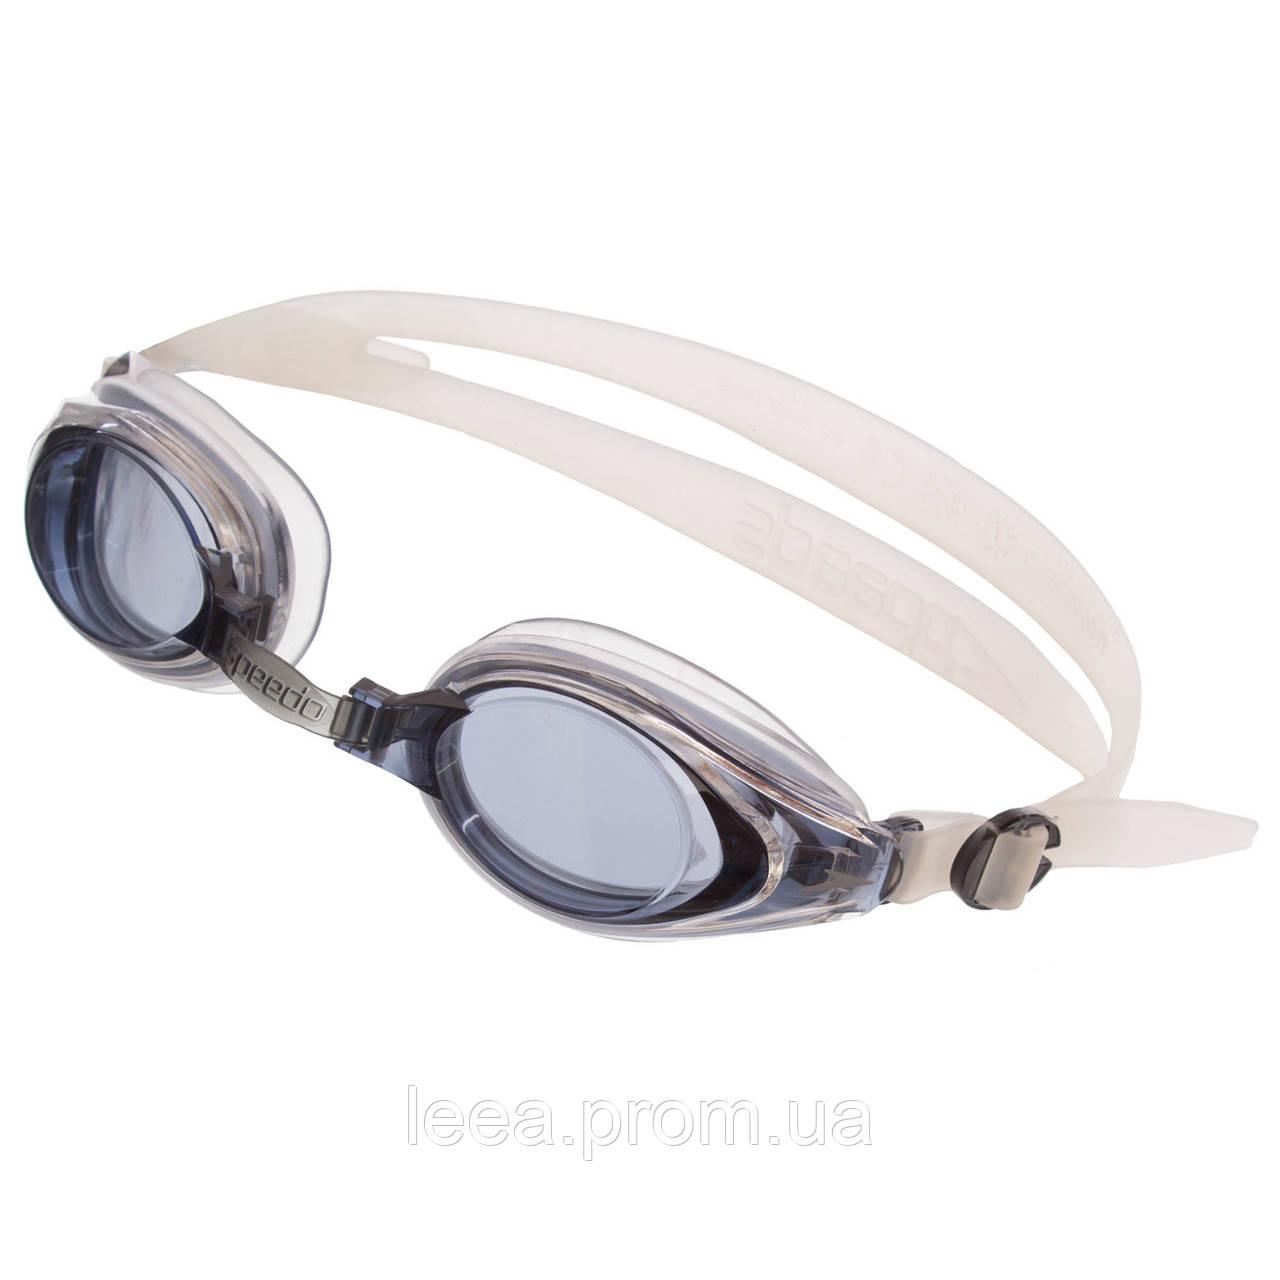 Очки для плавания в бассейне SPEEDO MARINER